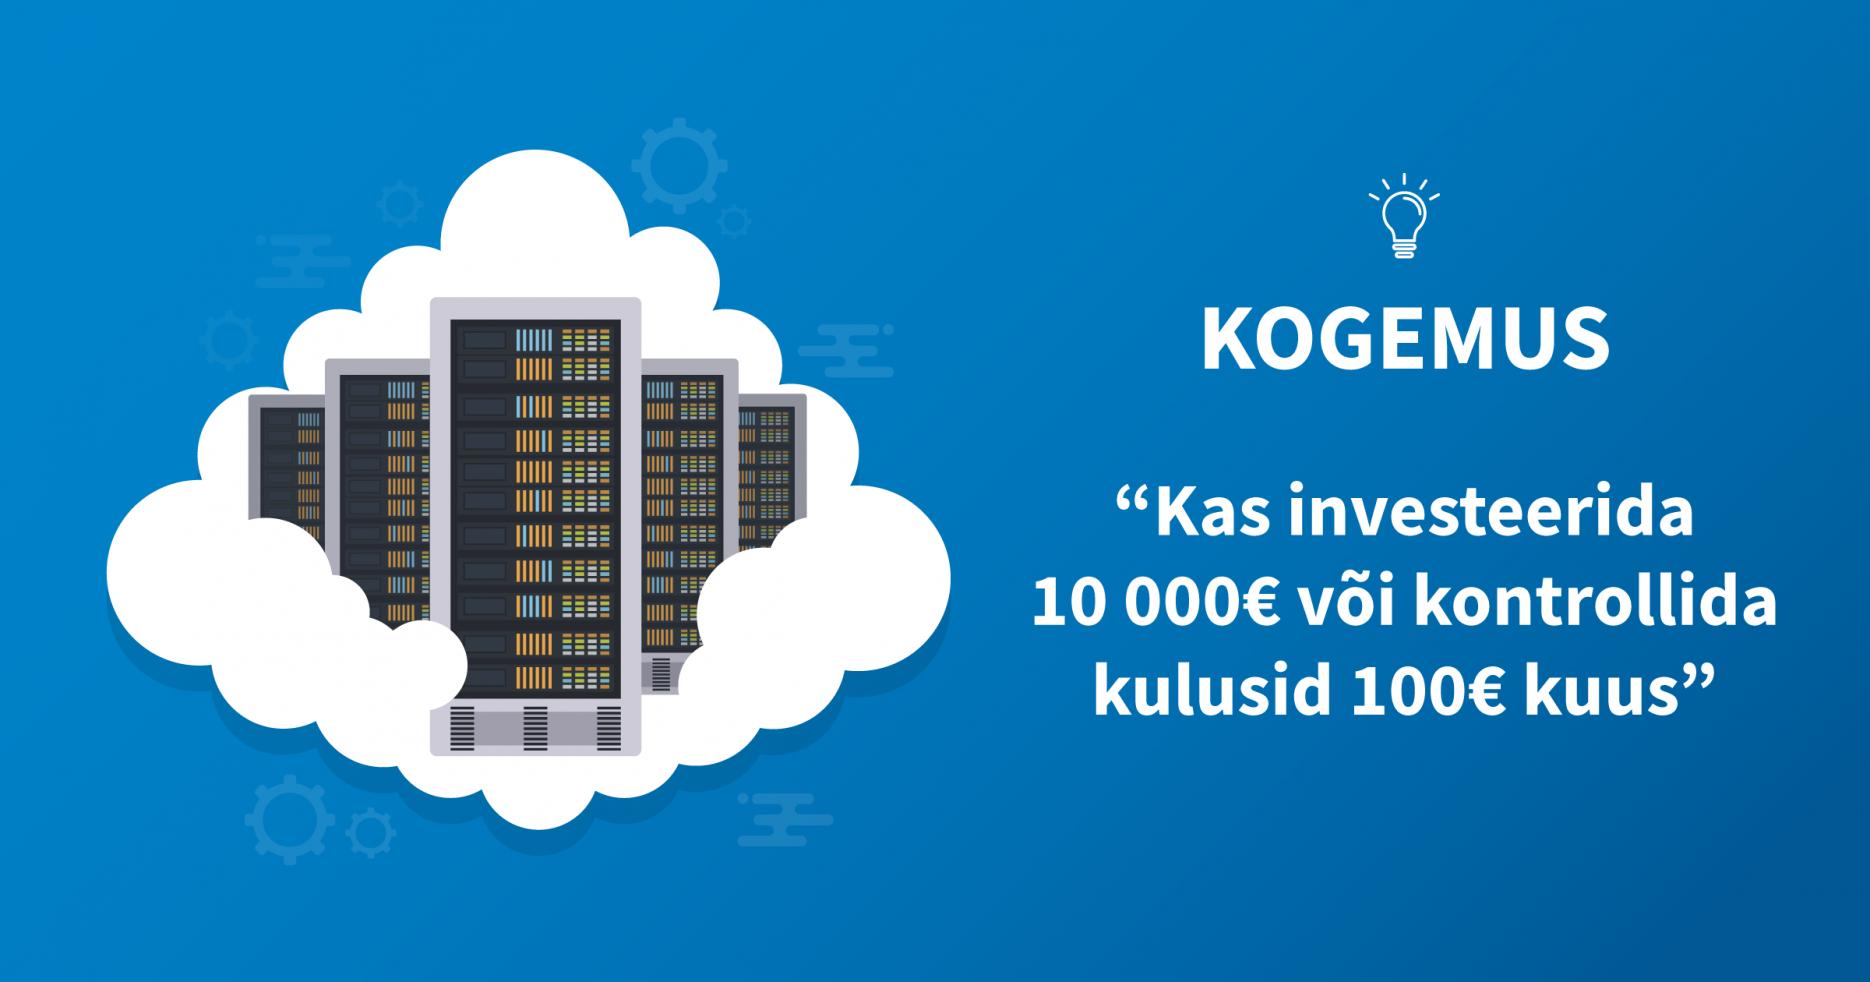 Kogemuslugu, kas investeerida 10 000 eurot või kontrollida kulusied 100 eurot kuus.